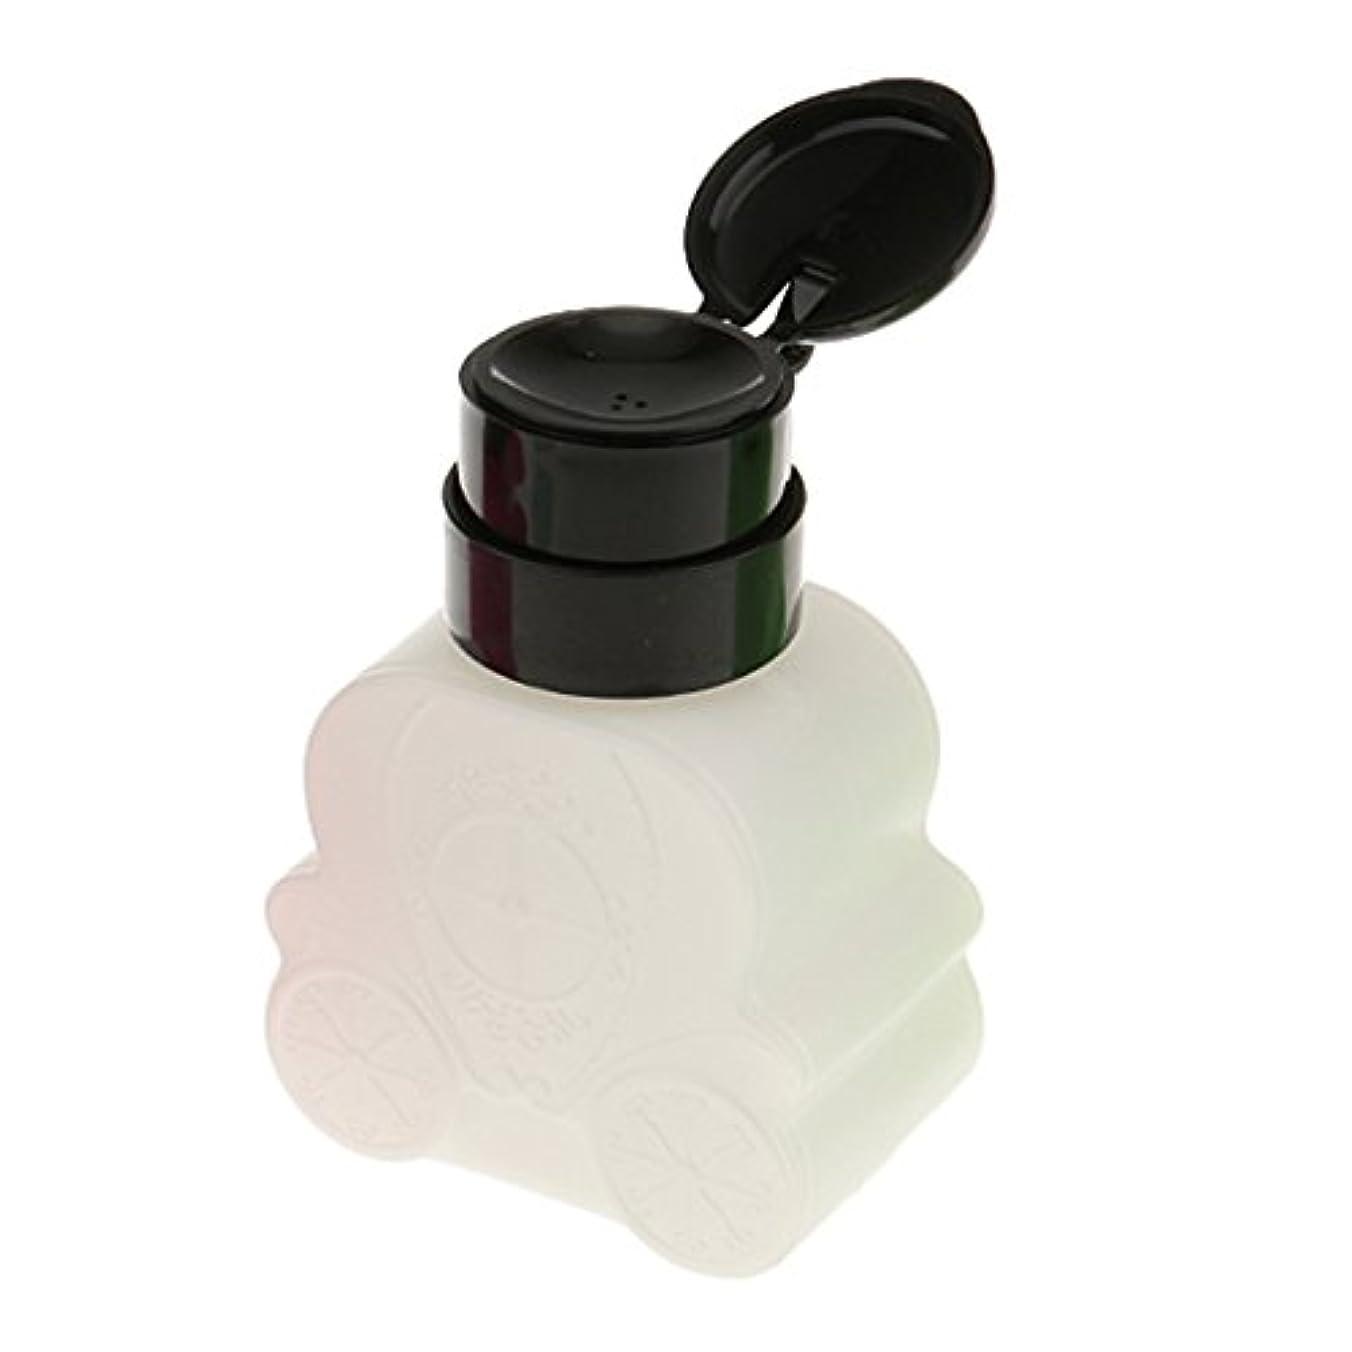 修復ラベンダーフレット空き瓶 空のプラスチックボトル 化粧品 空ボトル